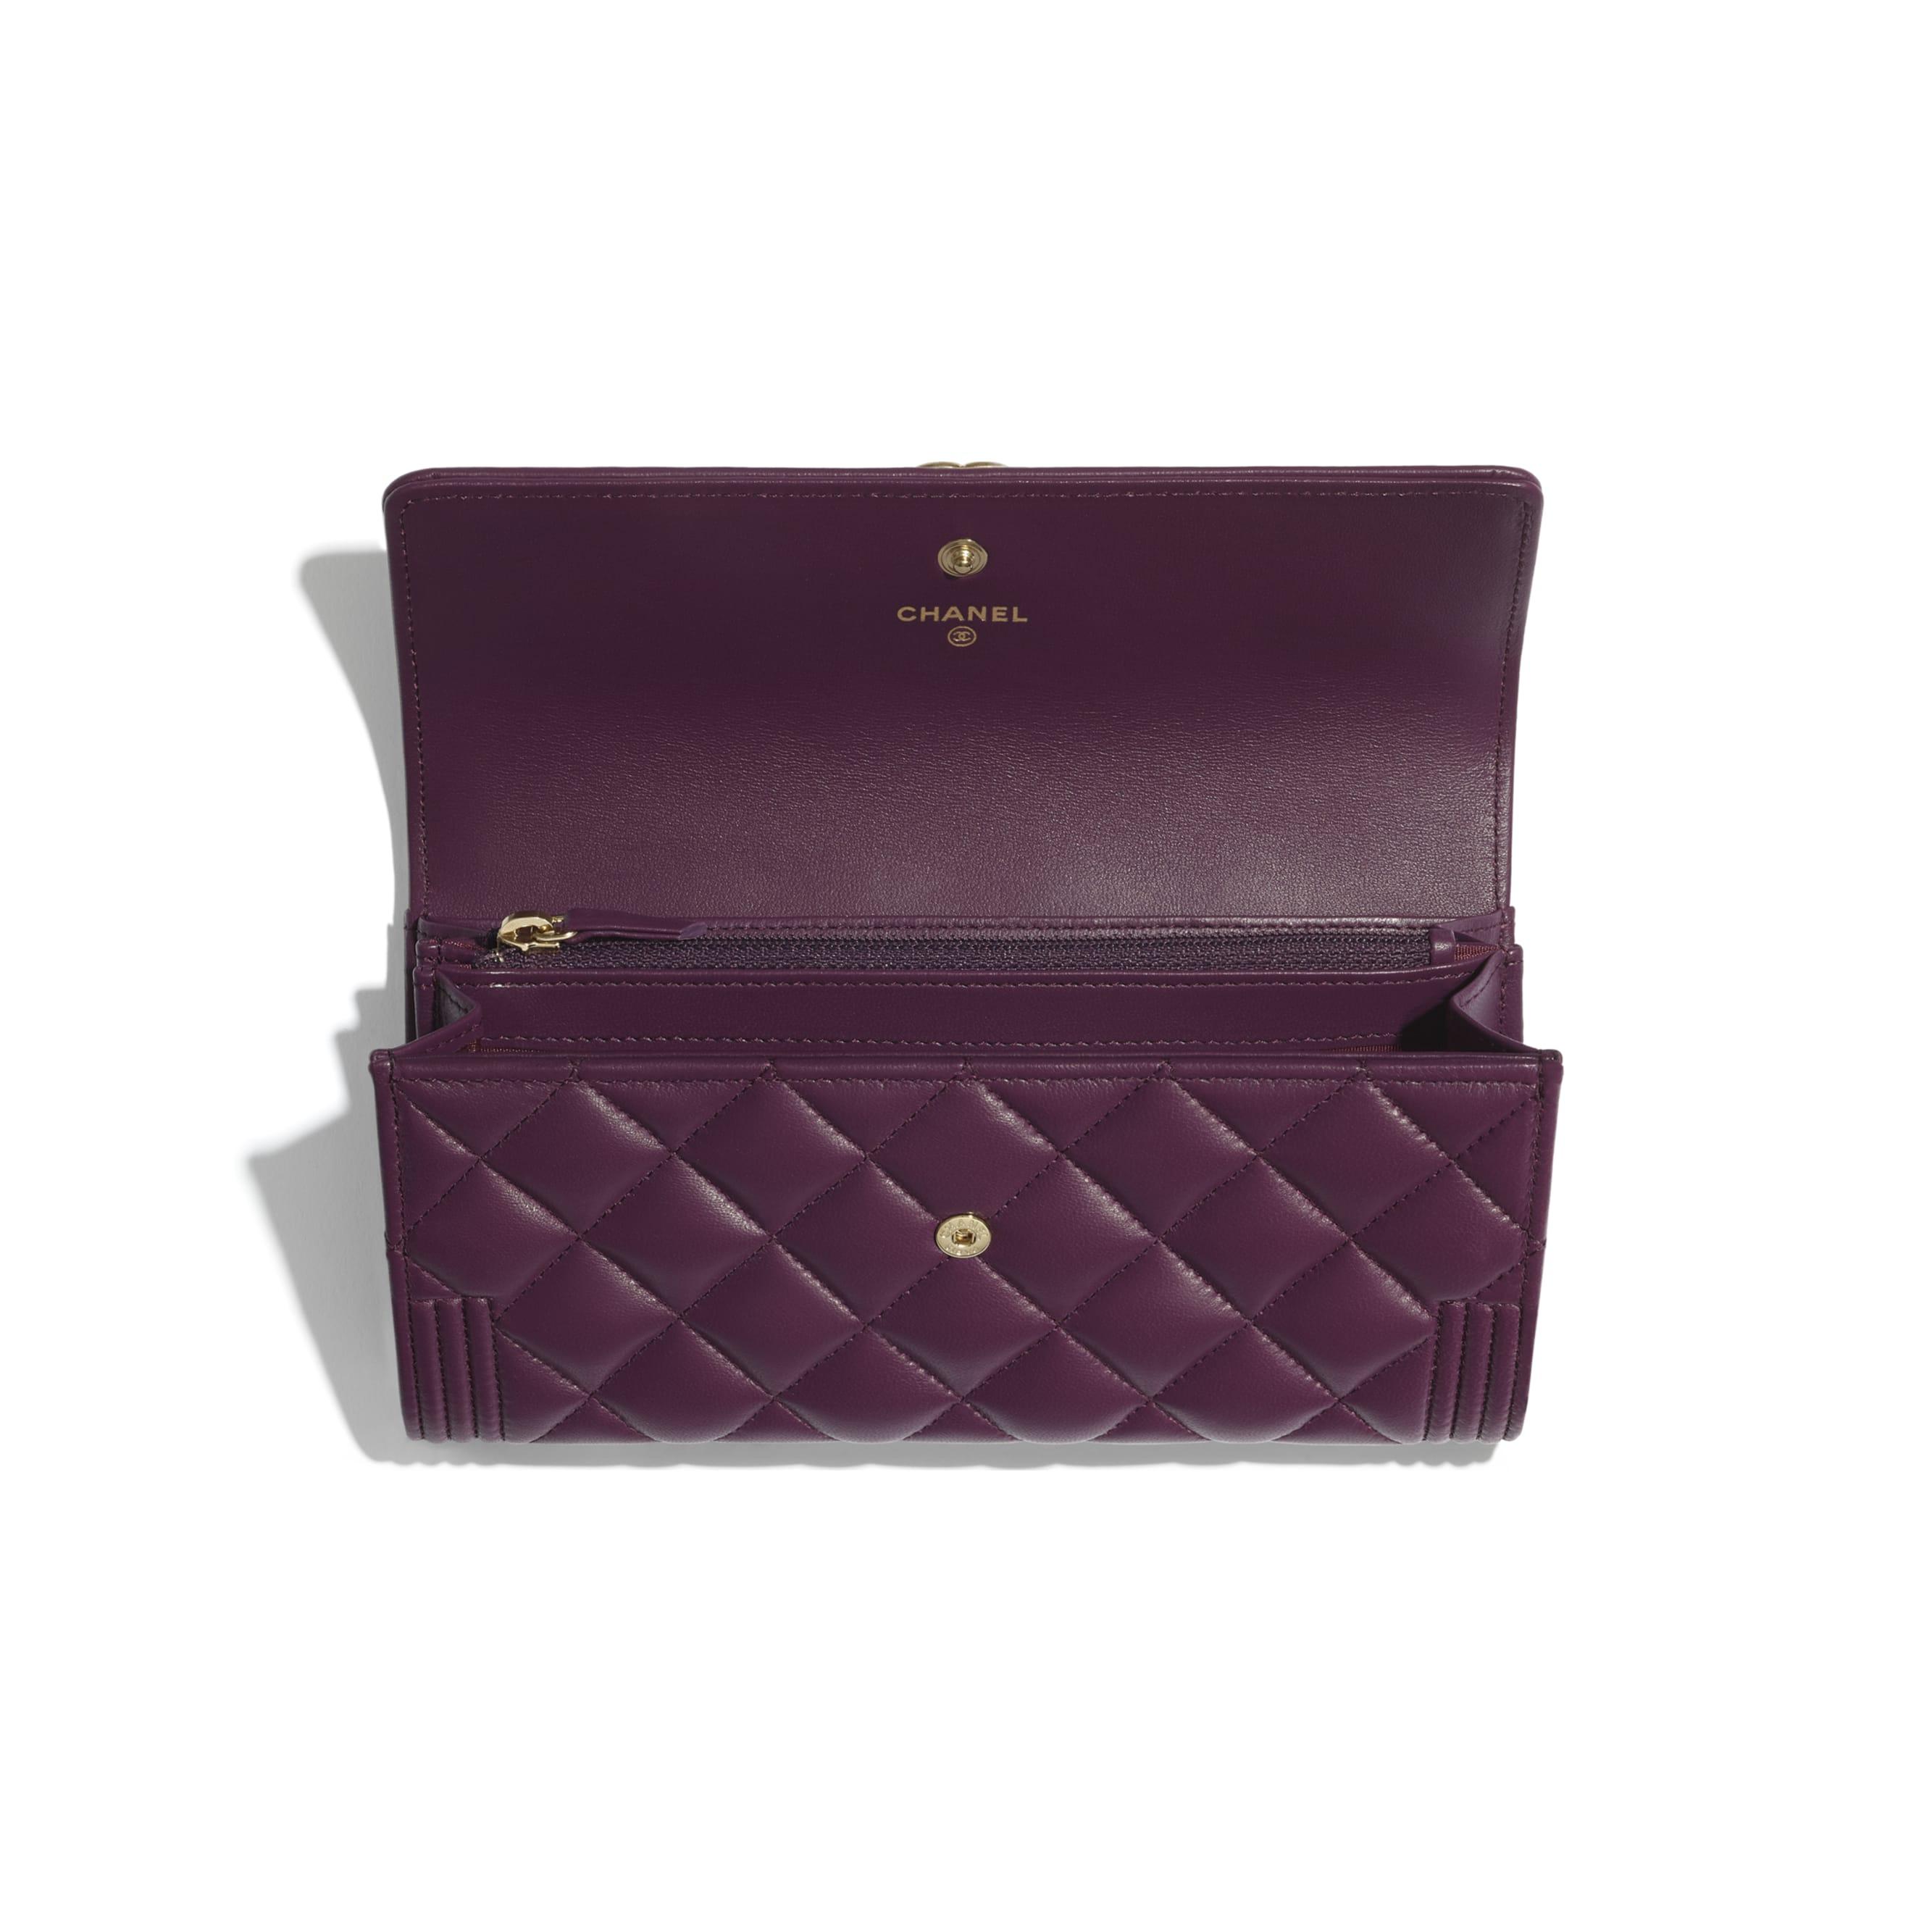 Długi portfel BOY CHANEL z klapką - Kolor fioletowy - Skóra jagnięca i metal w tonacji złotej - CHANEL - Inny widok – zobacz w standardowym rozmiarze